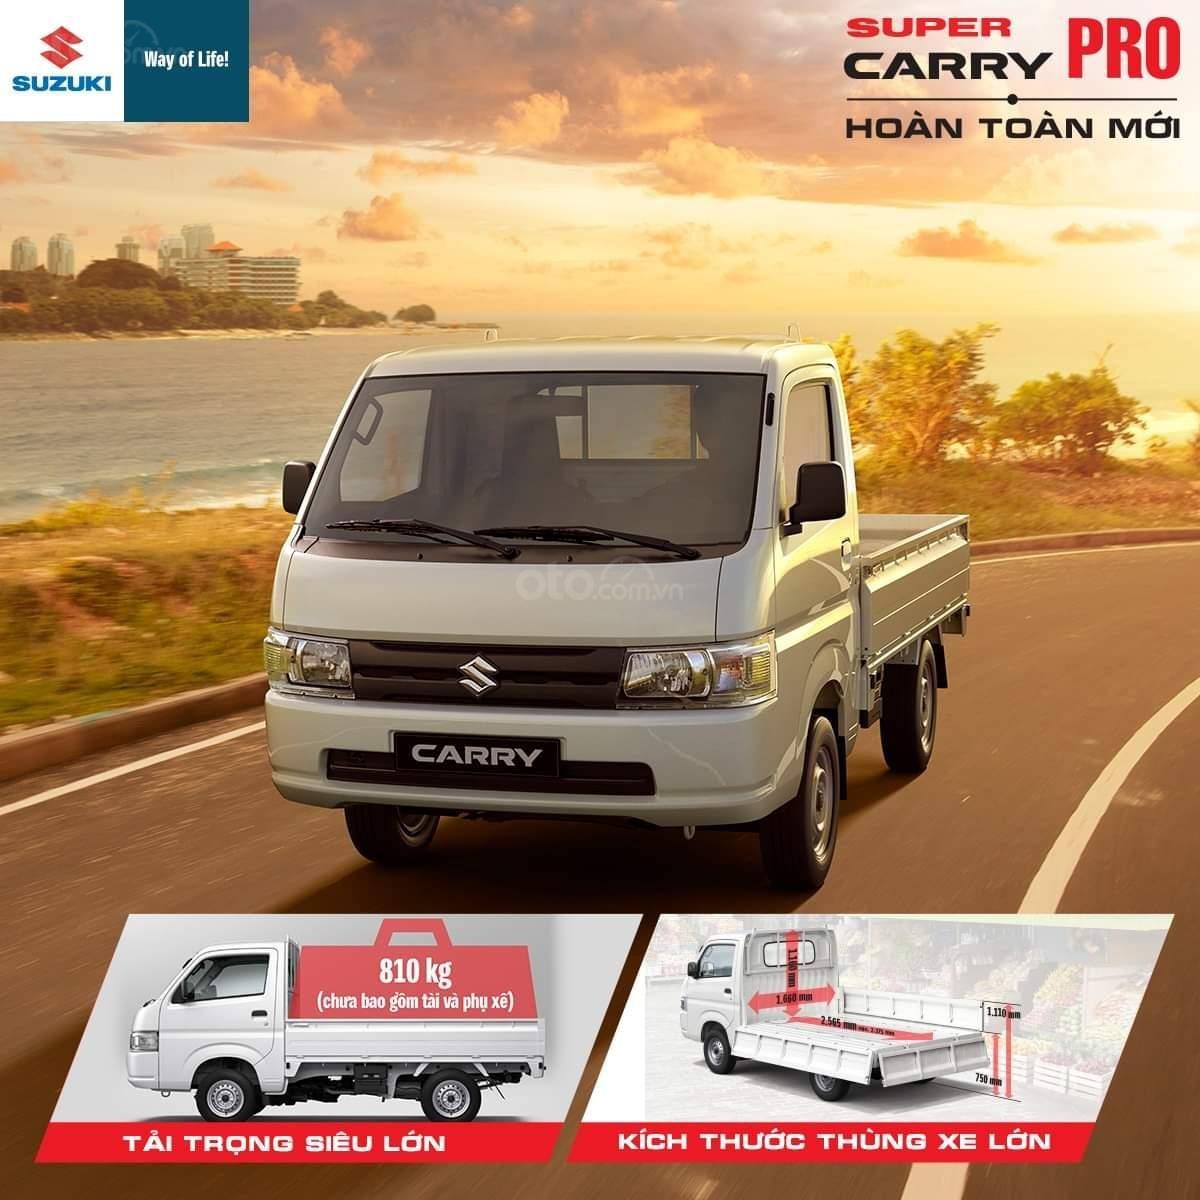 Suzuki Pro phiên bản mới giá ưu đãi và nhiều quà tặng hấp dẫn (1)